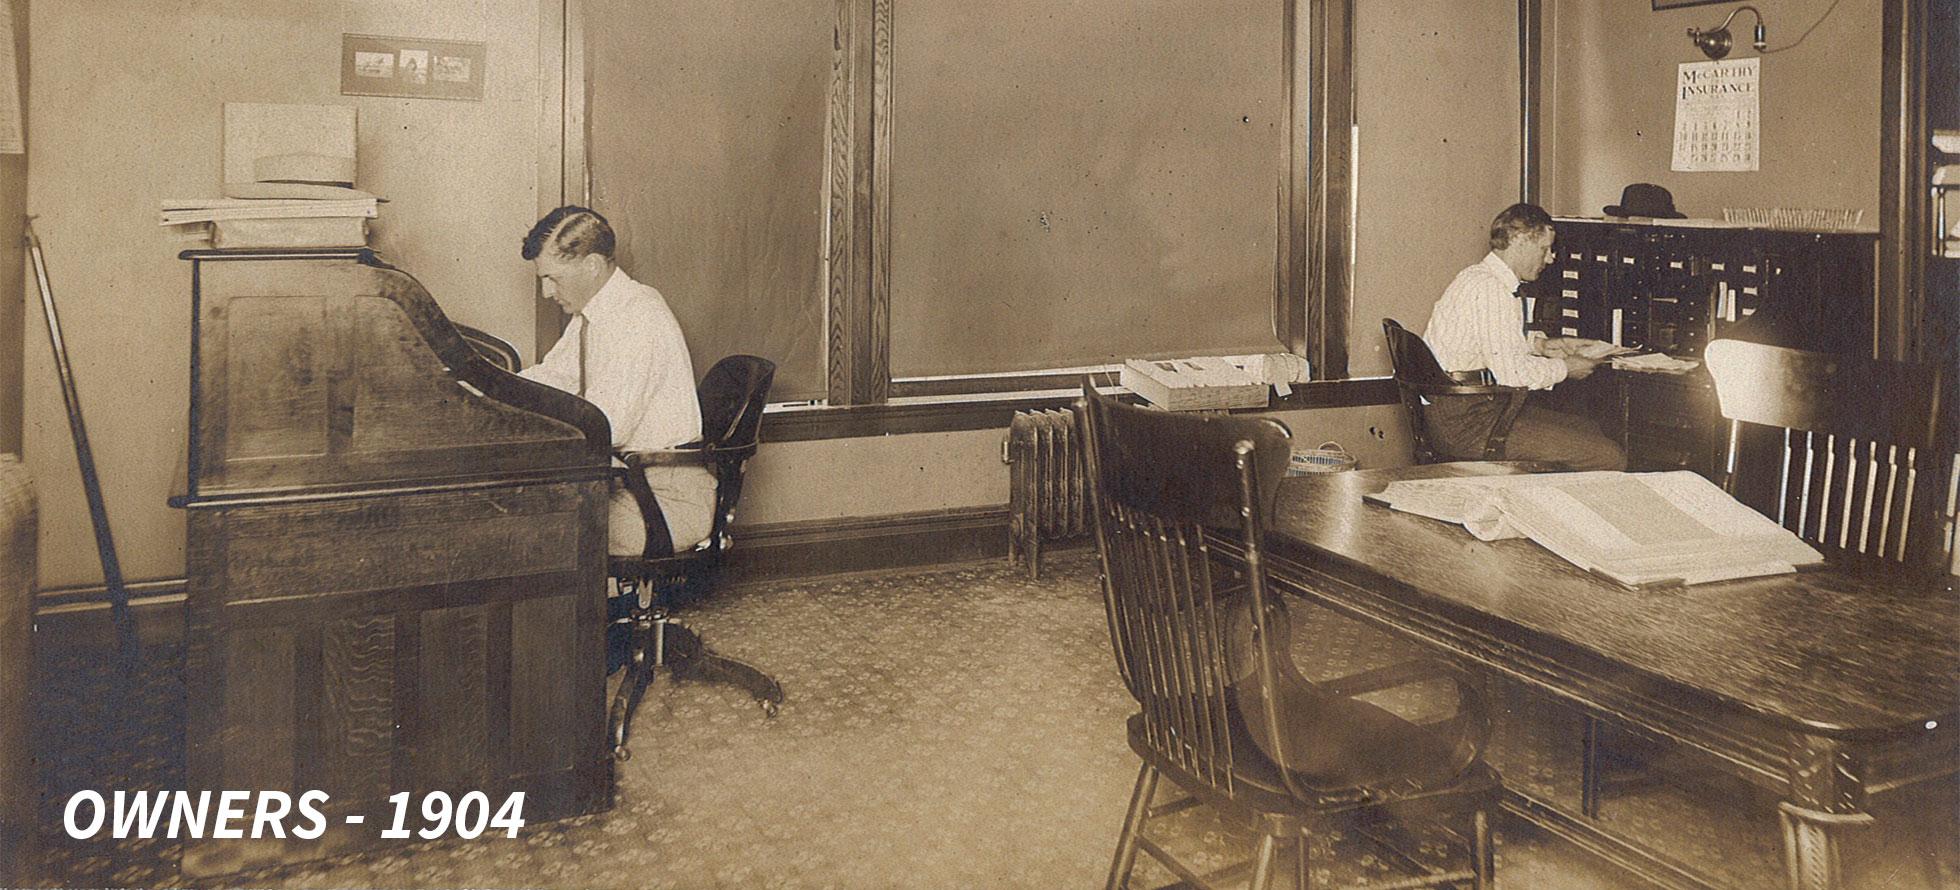 Spahn & Rose Owners 1904